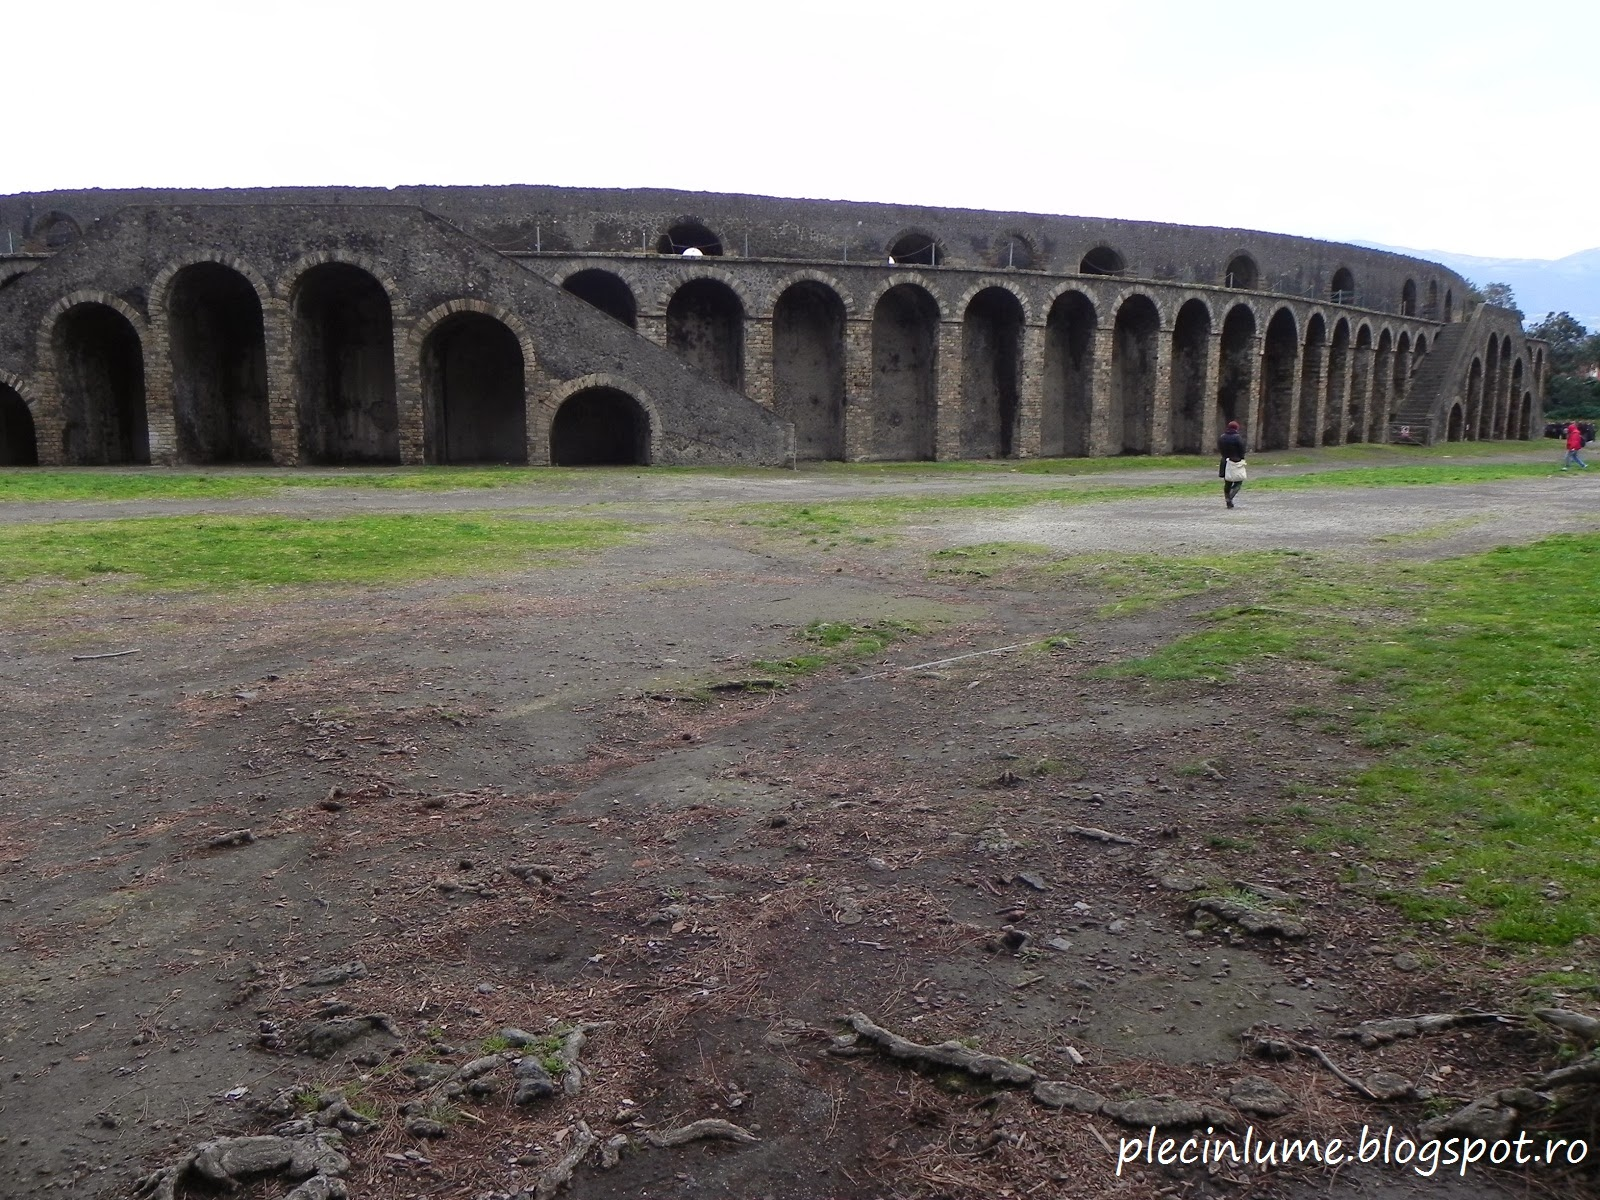 Amfiteatrul din Pompei, ingropat complet pana la descoperirea lui